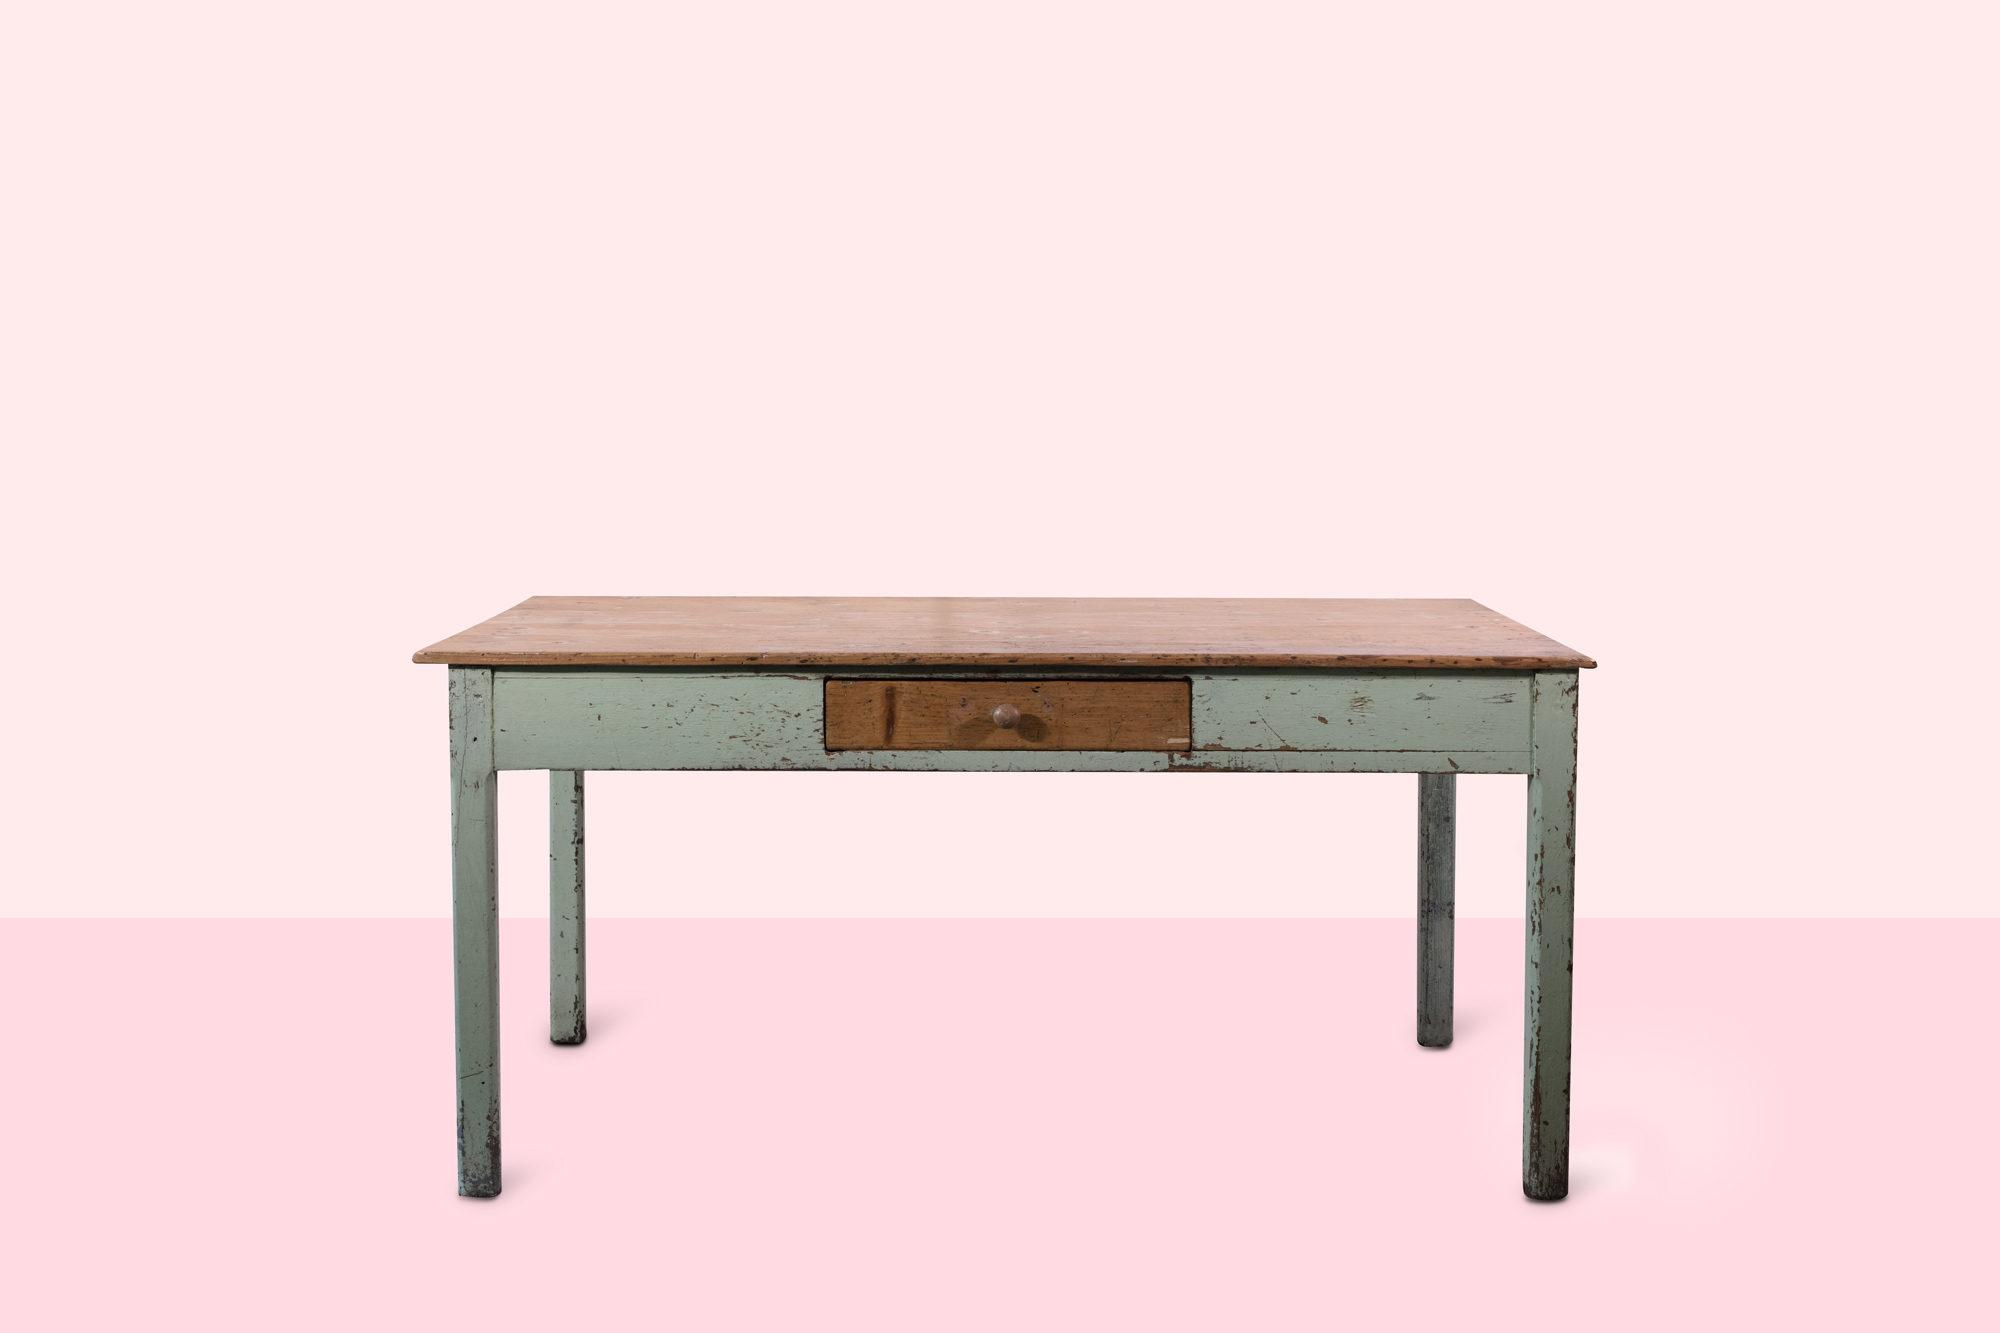 tavolo arte povera | RUM Officina